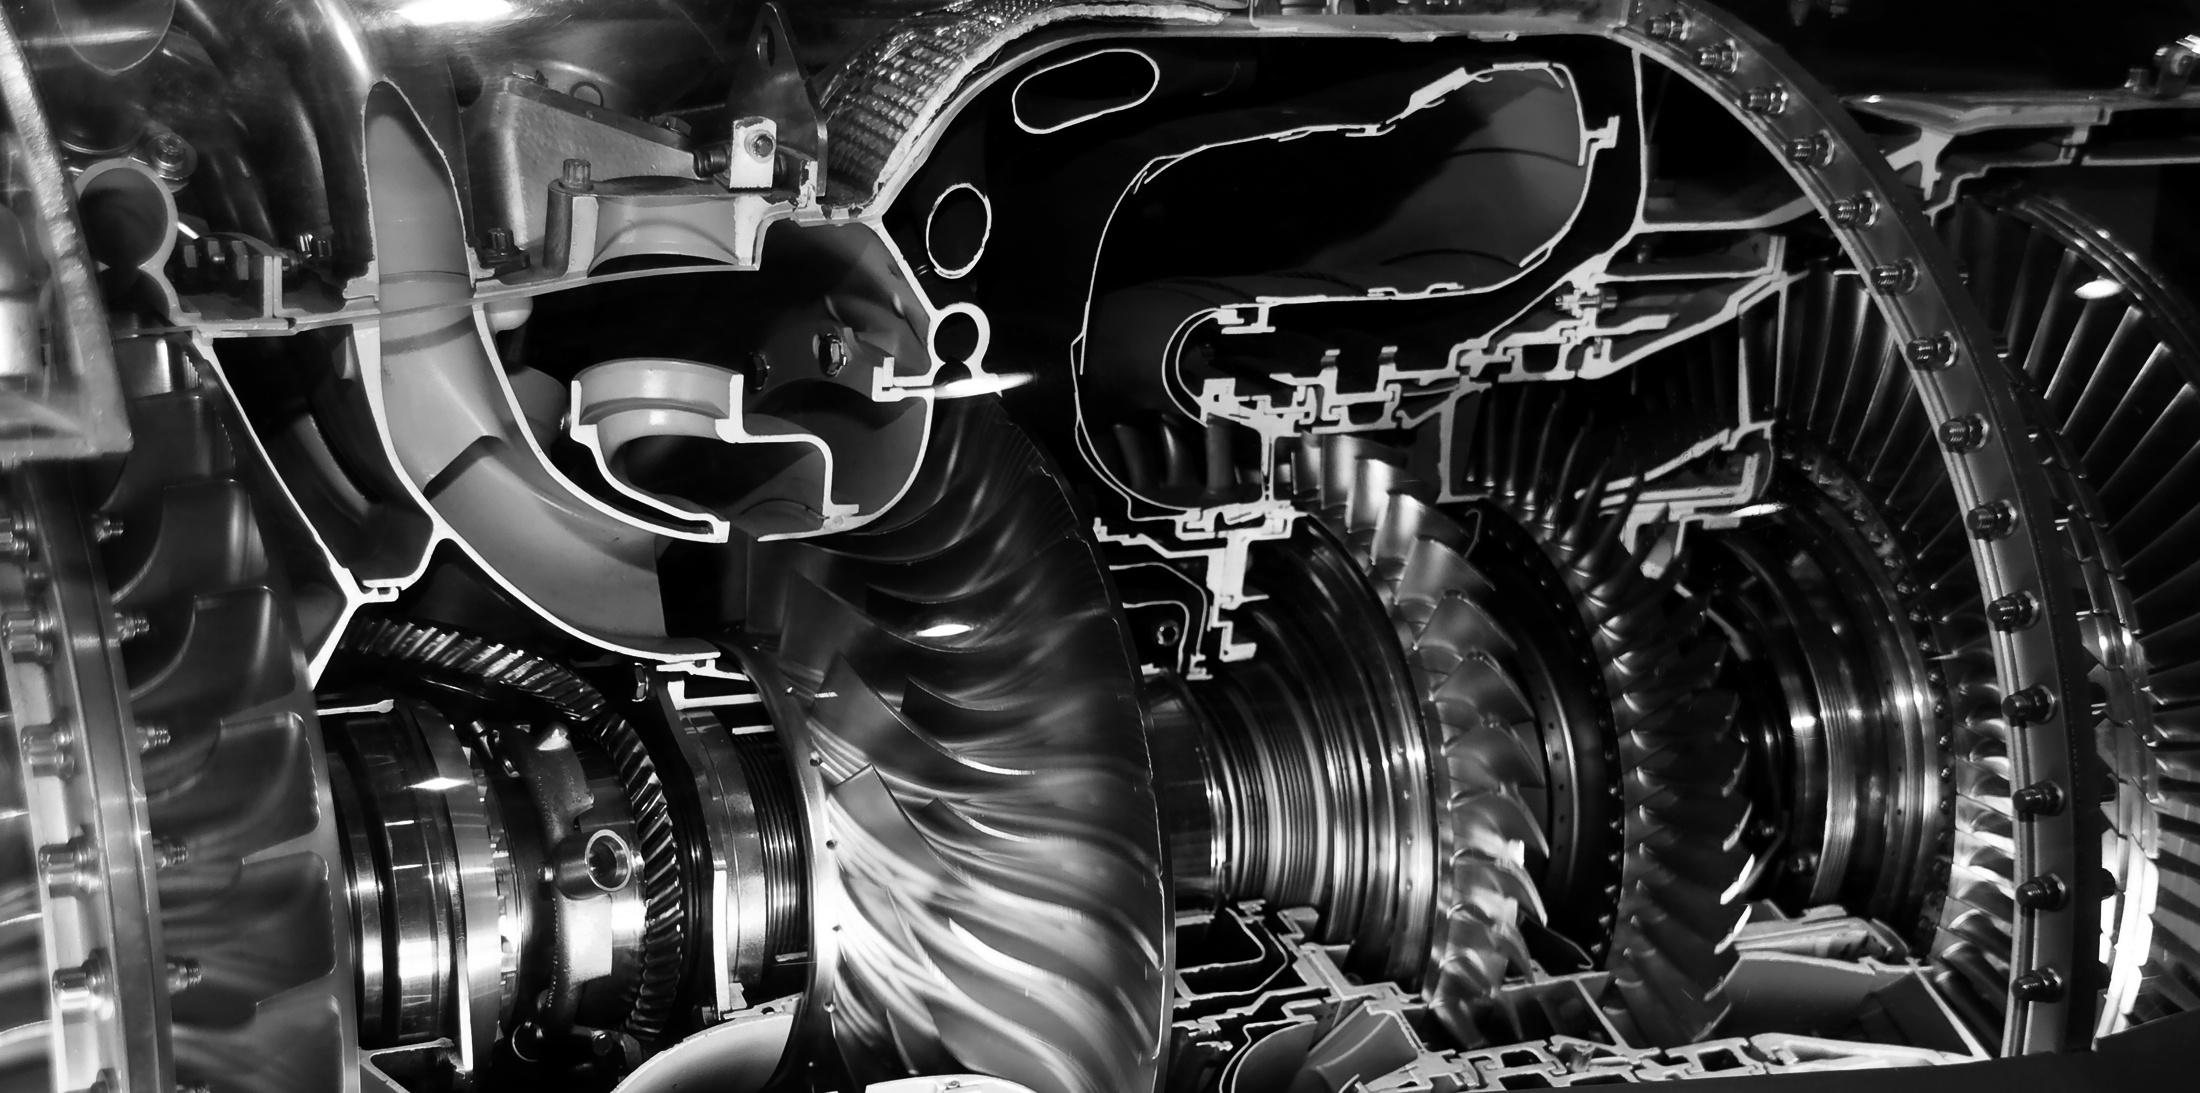 Jet Engine Large BW